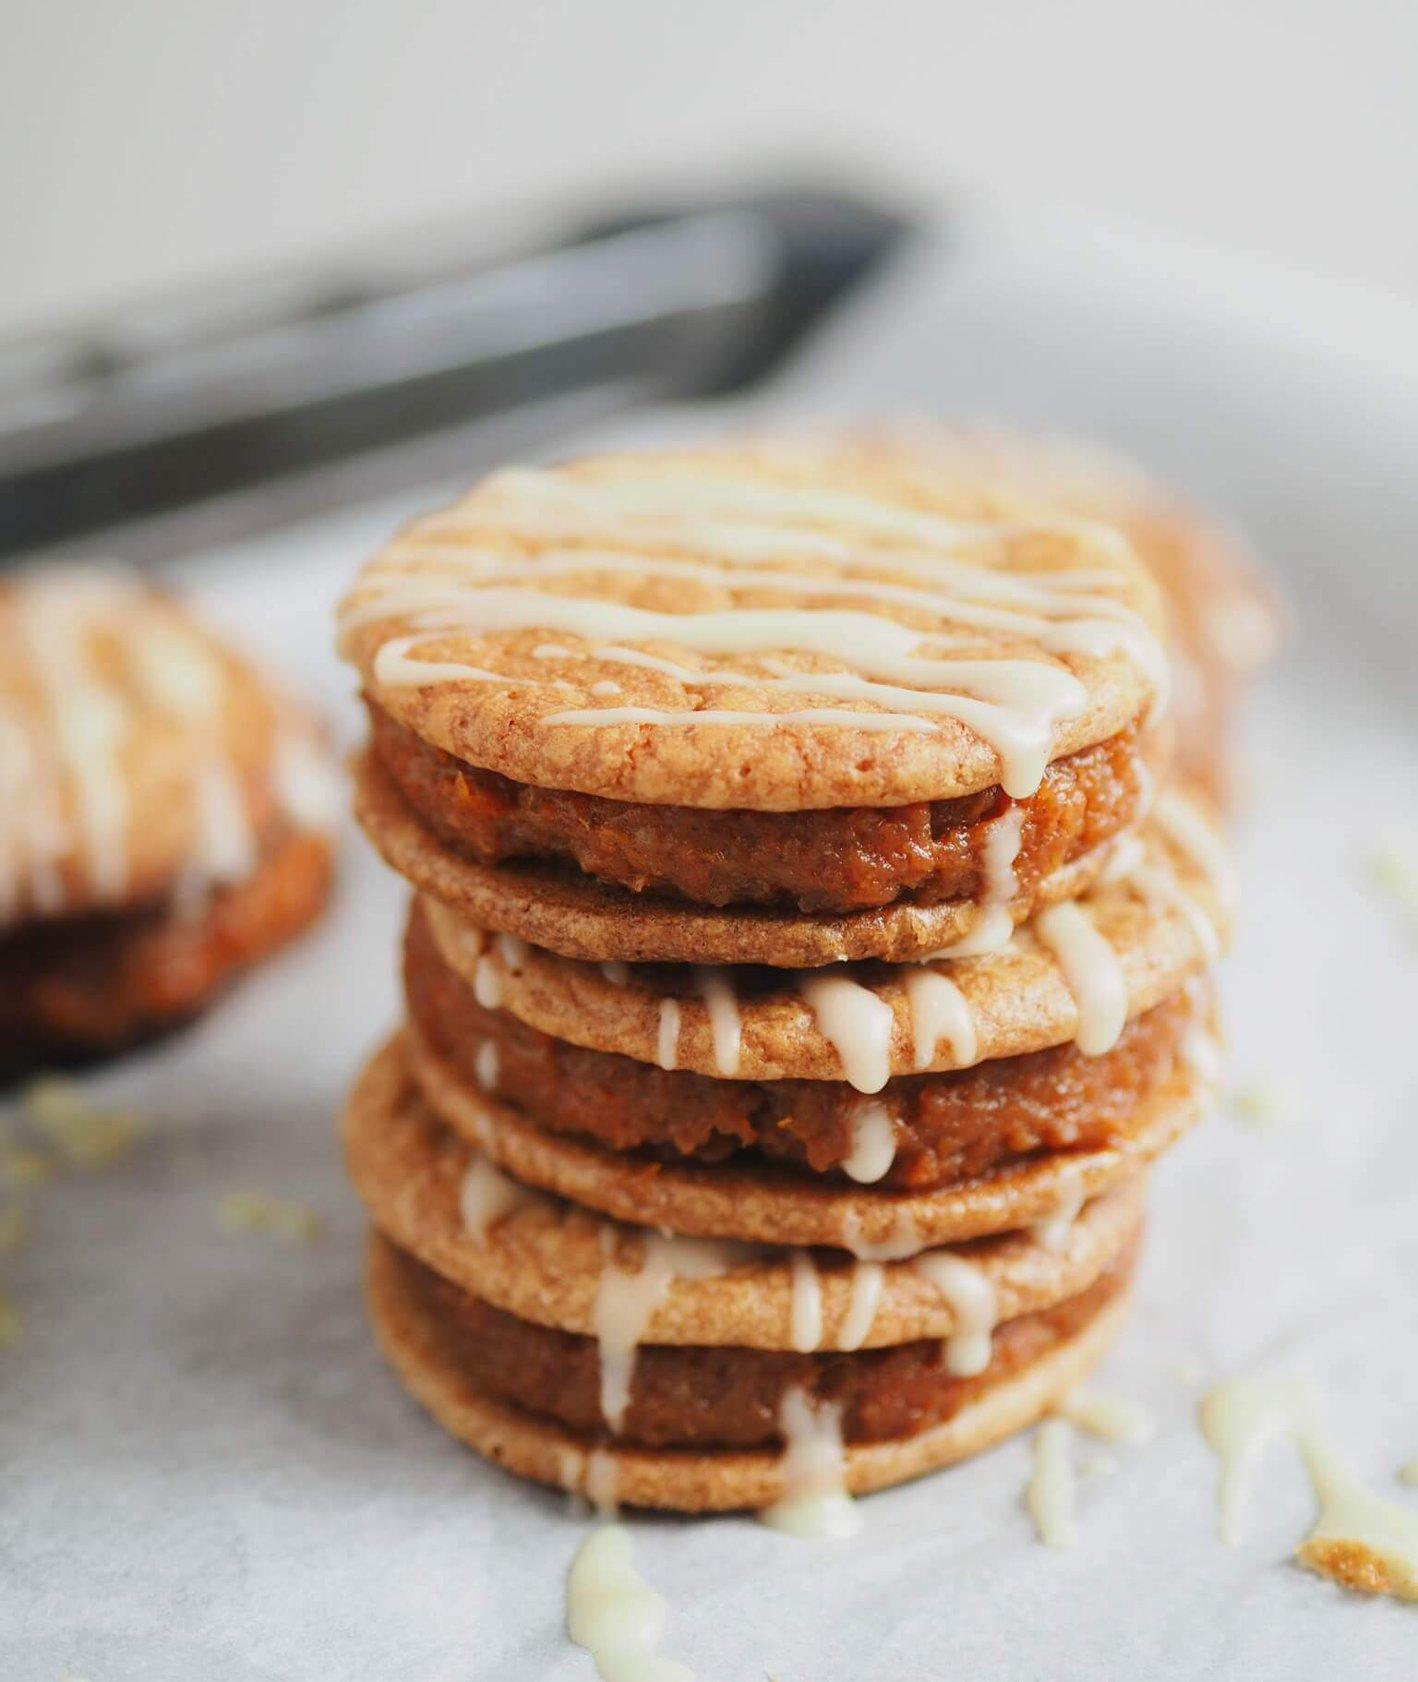 kruche ciasteczka, ciastka, ciastka z białą czekoladą, konfitura pomarańczowa, domowa konfitura, konfitura marchewkowa, biała czekolada, przekładane ciasteczka, ciasteczka na deser